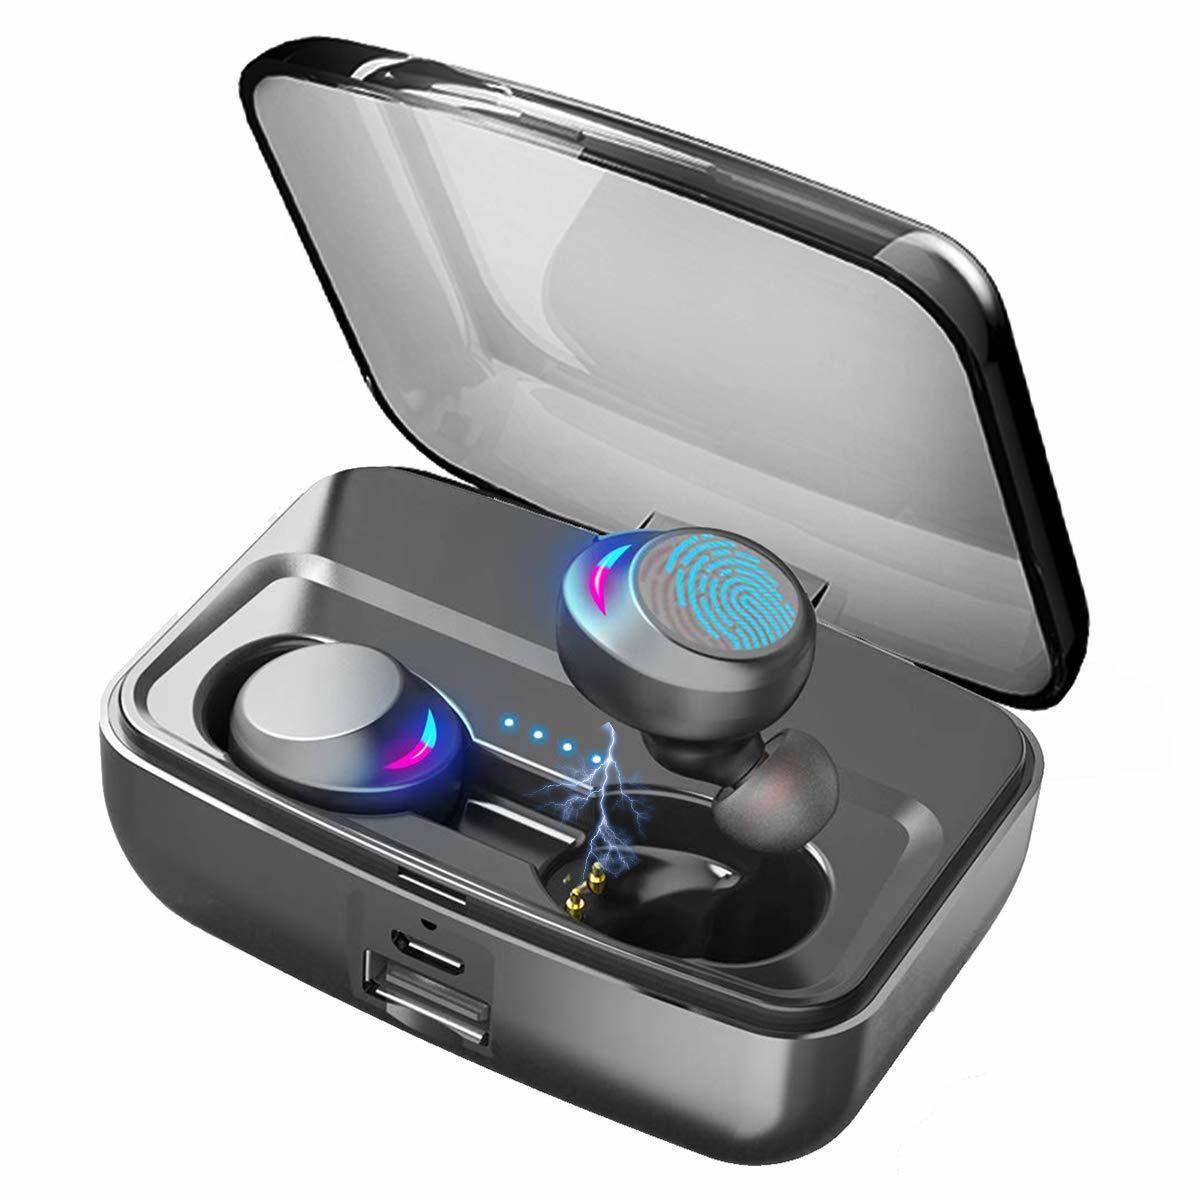 完全ワイヤレスイヤホン おすすめ Bluetooth5.0+EDR 左右分離型 両耳 IPX8完全防水 マイク内蔵 iPhone対応 通話 90時間駆動 3000mAh充電